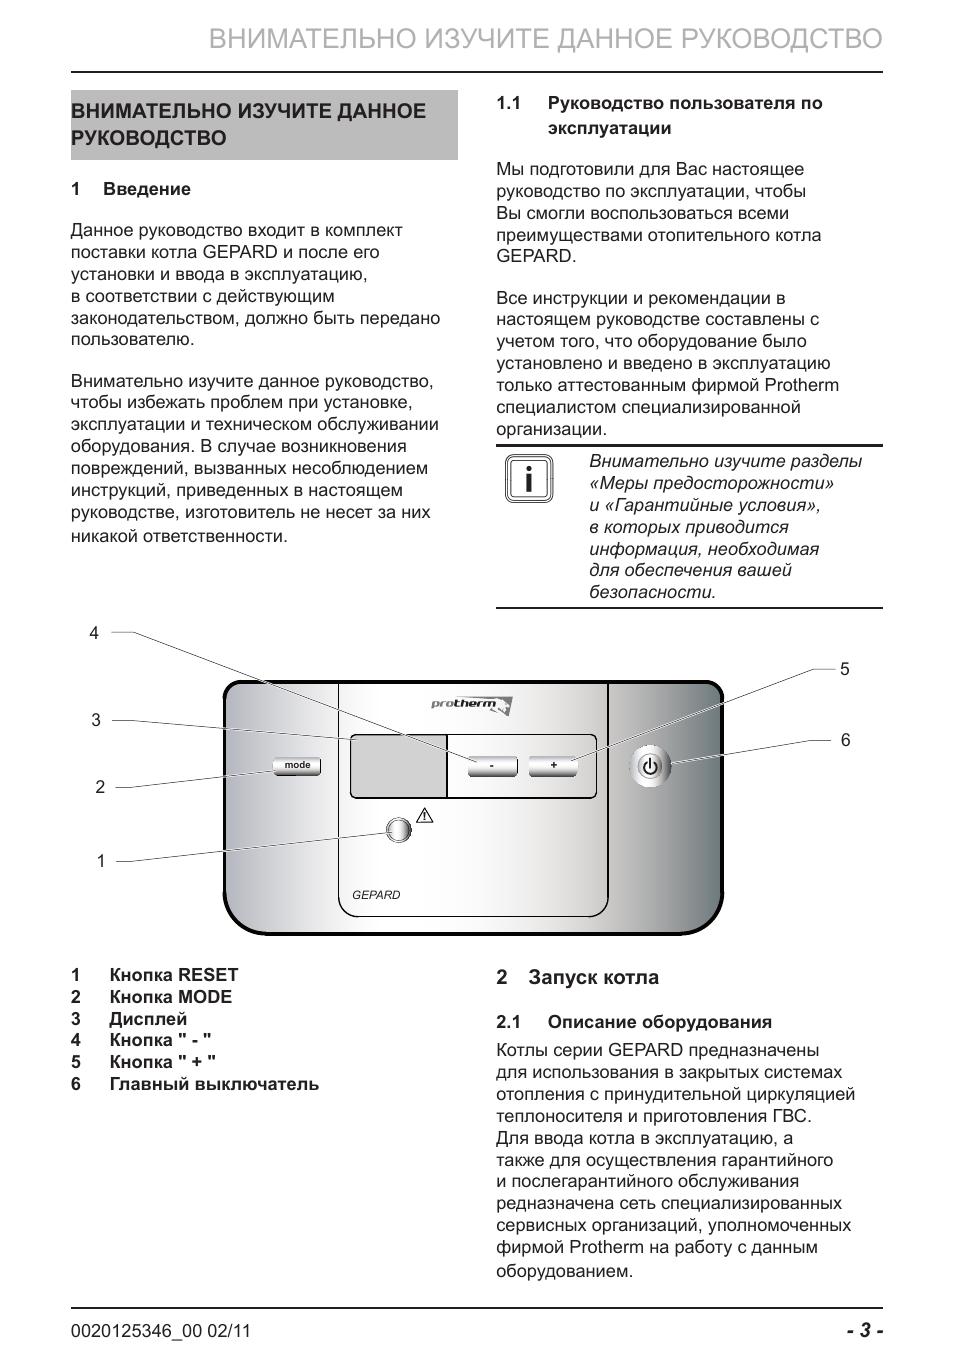 газовый котел протерм ягуар инструкция по эксплуатации